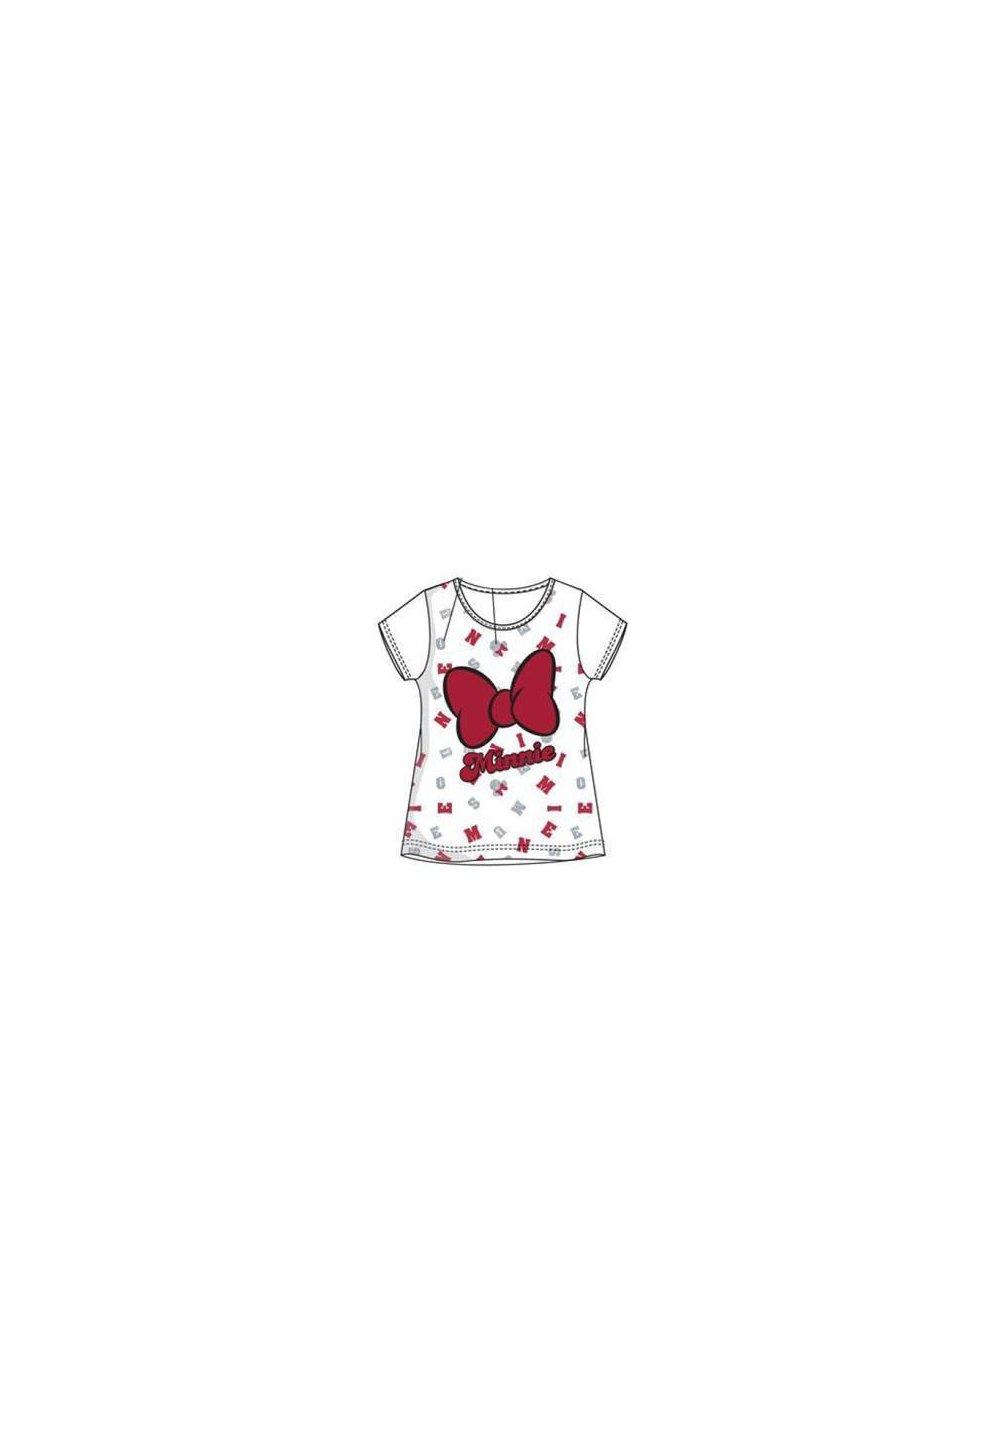 Tricou, alb cu fundita rosie, Minnie Mouse imagine